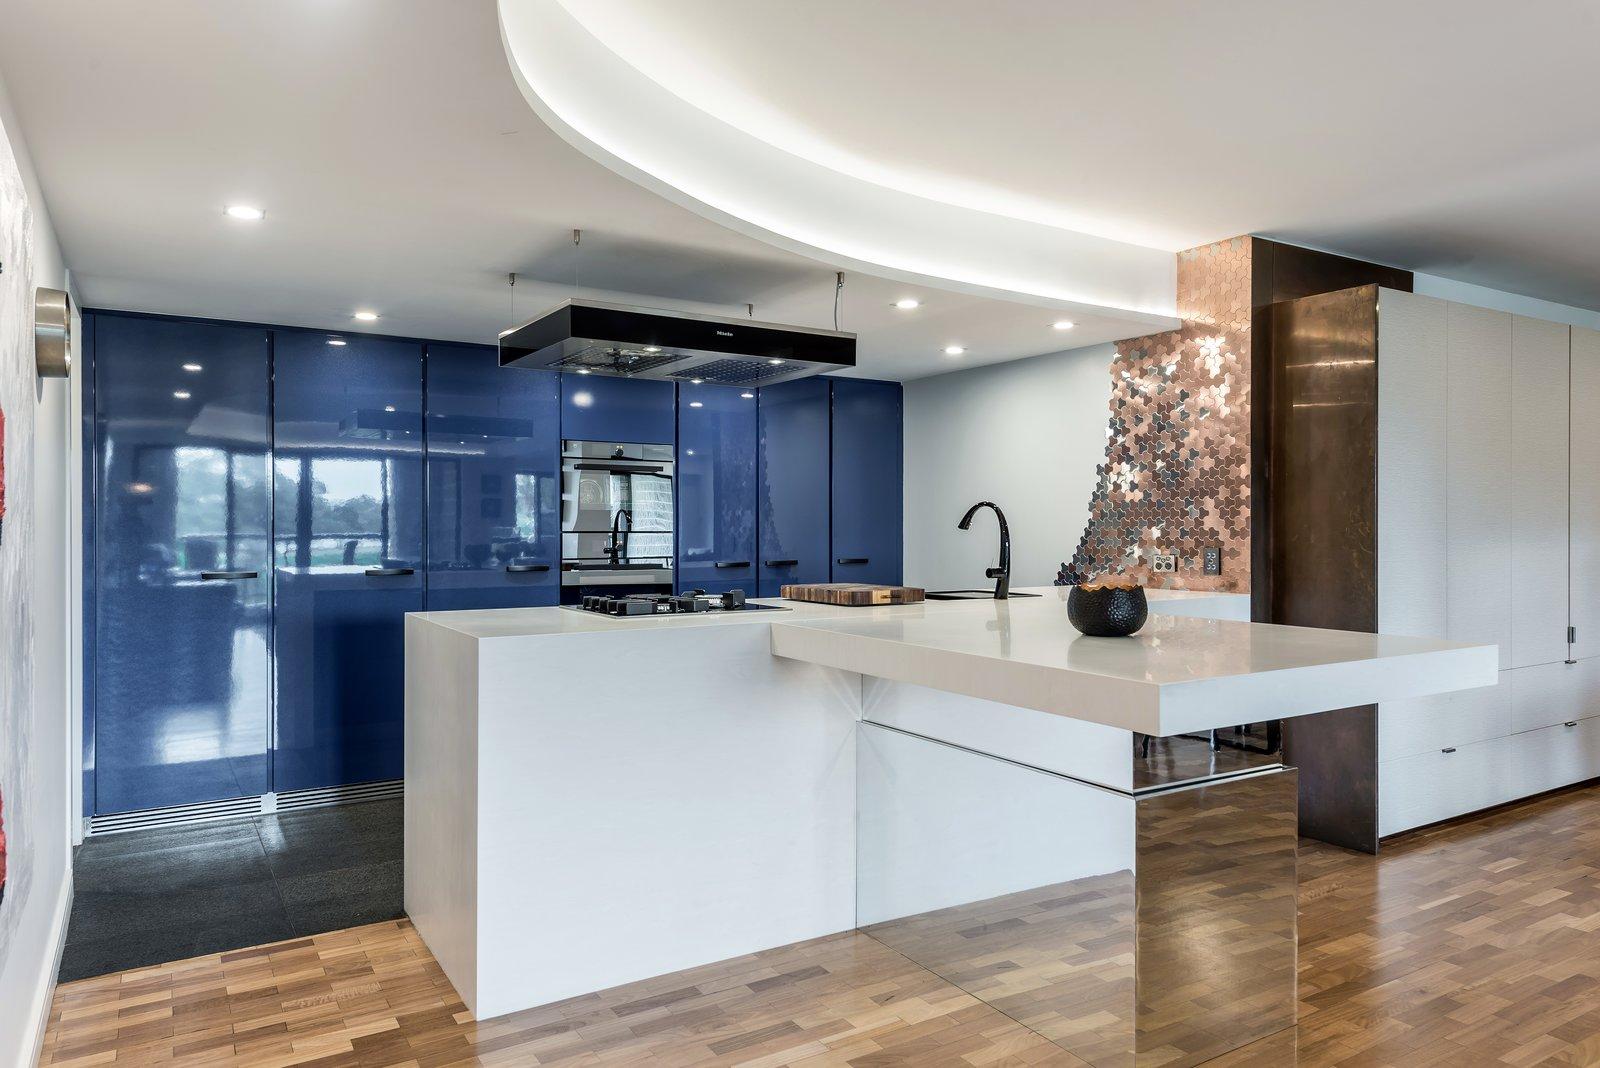 Kitchen, Medium Hardwood Floor, Cooktops, Range Hood, White Cabinet, Drop In